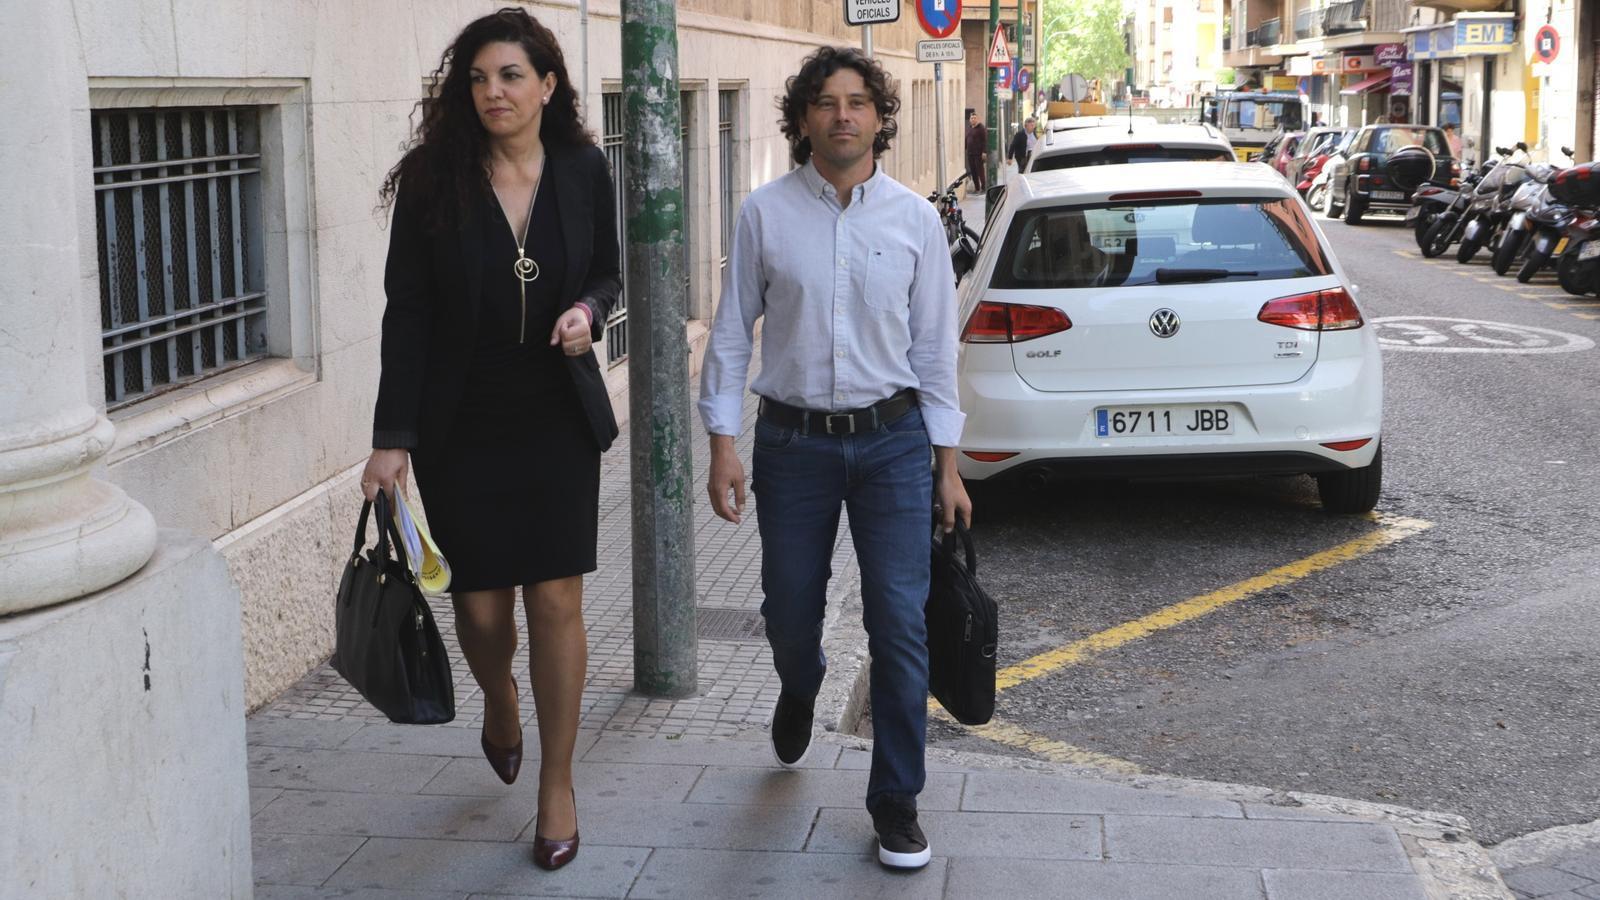 L'empresari Jaume Garau ja està declarant davant el jutge